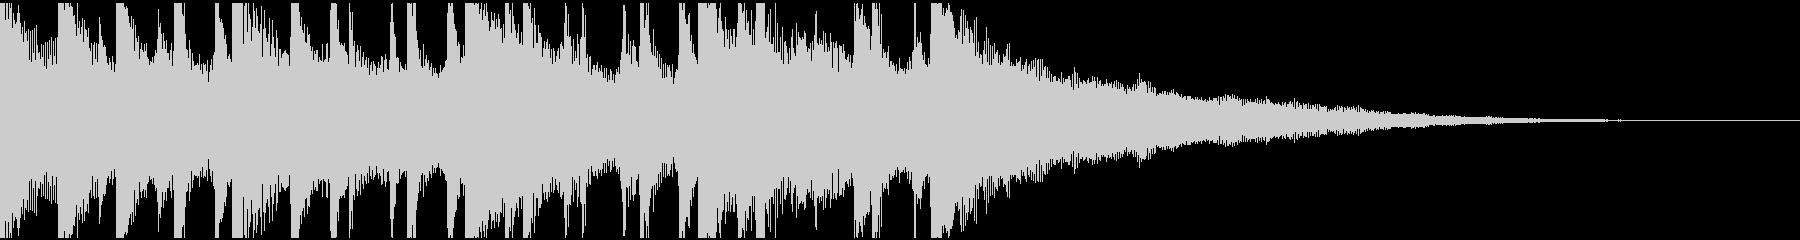 ウクレレ、ピアノの楽しい楽曲15秒verの未再生の波形